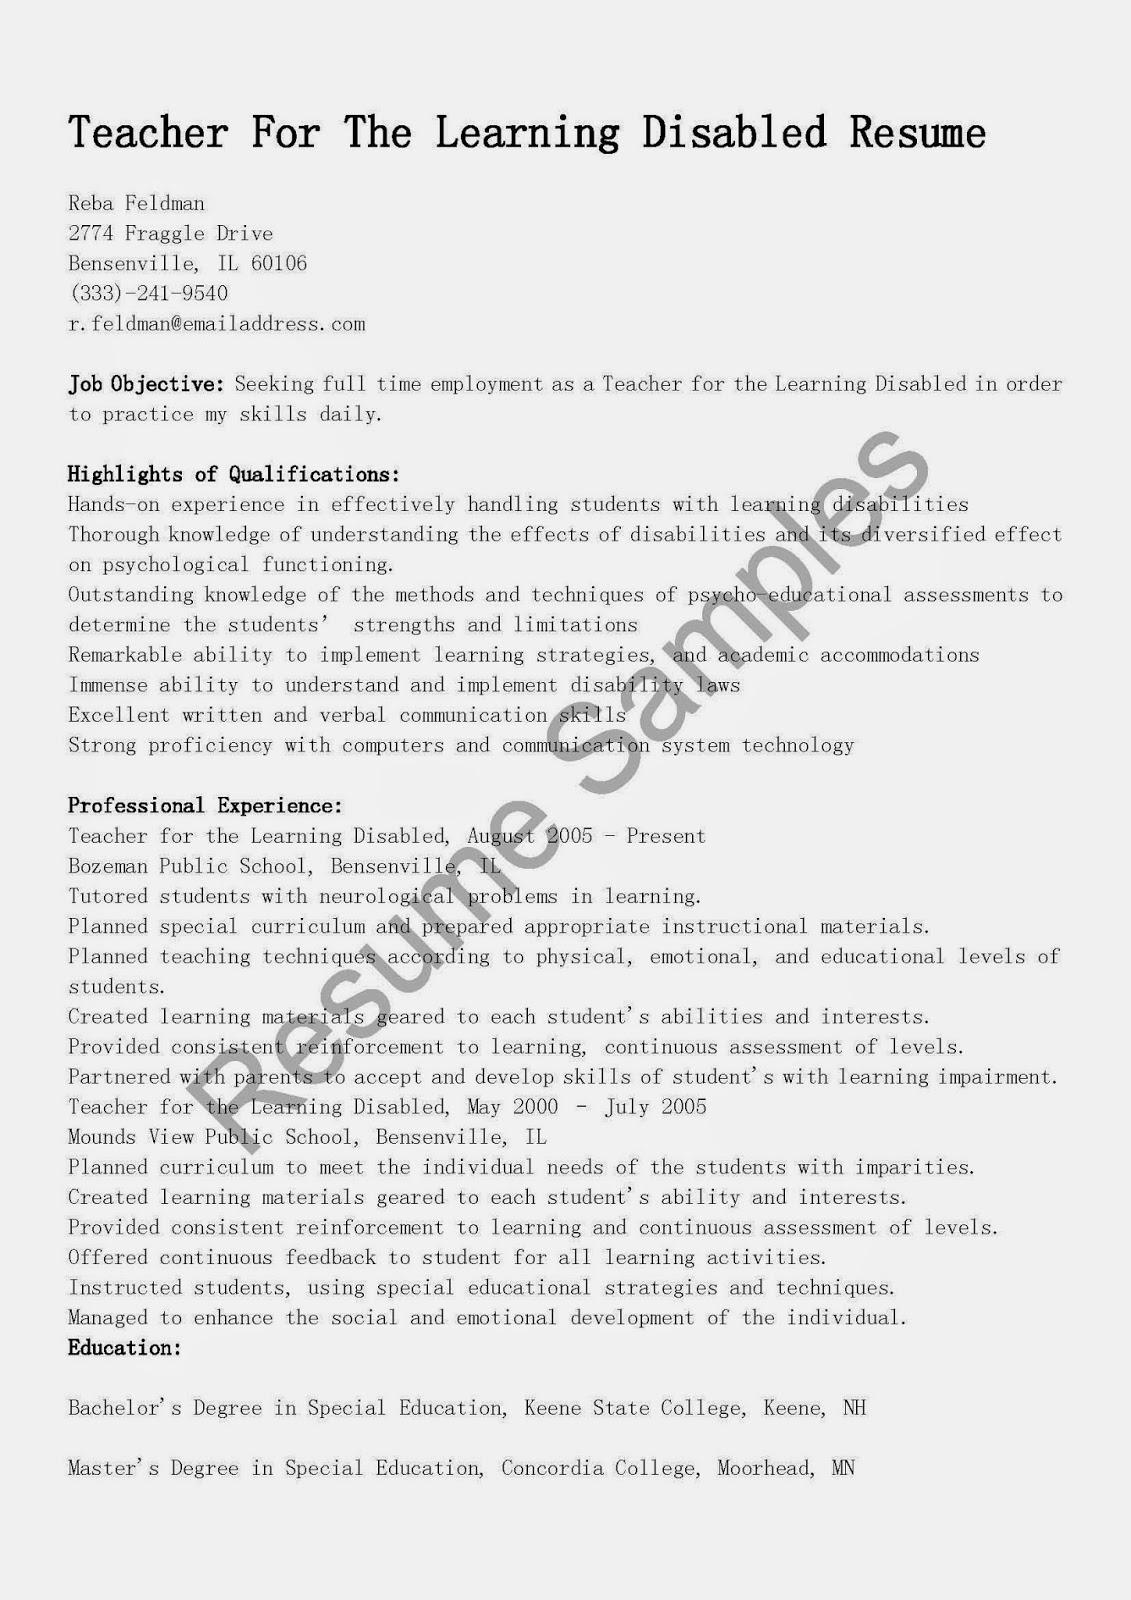 Resume Samples Teacher For The Learning Disabled Resume